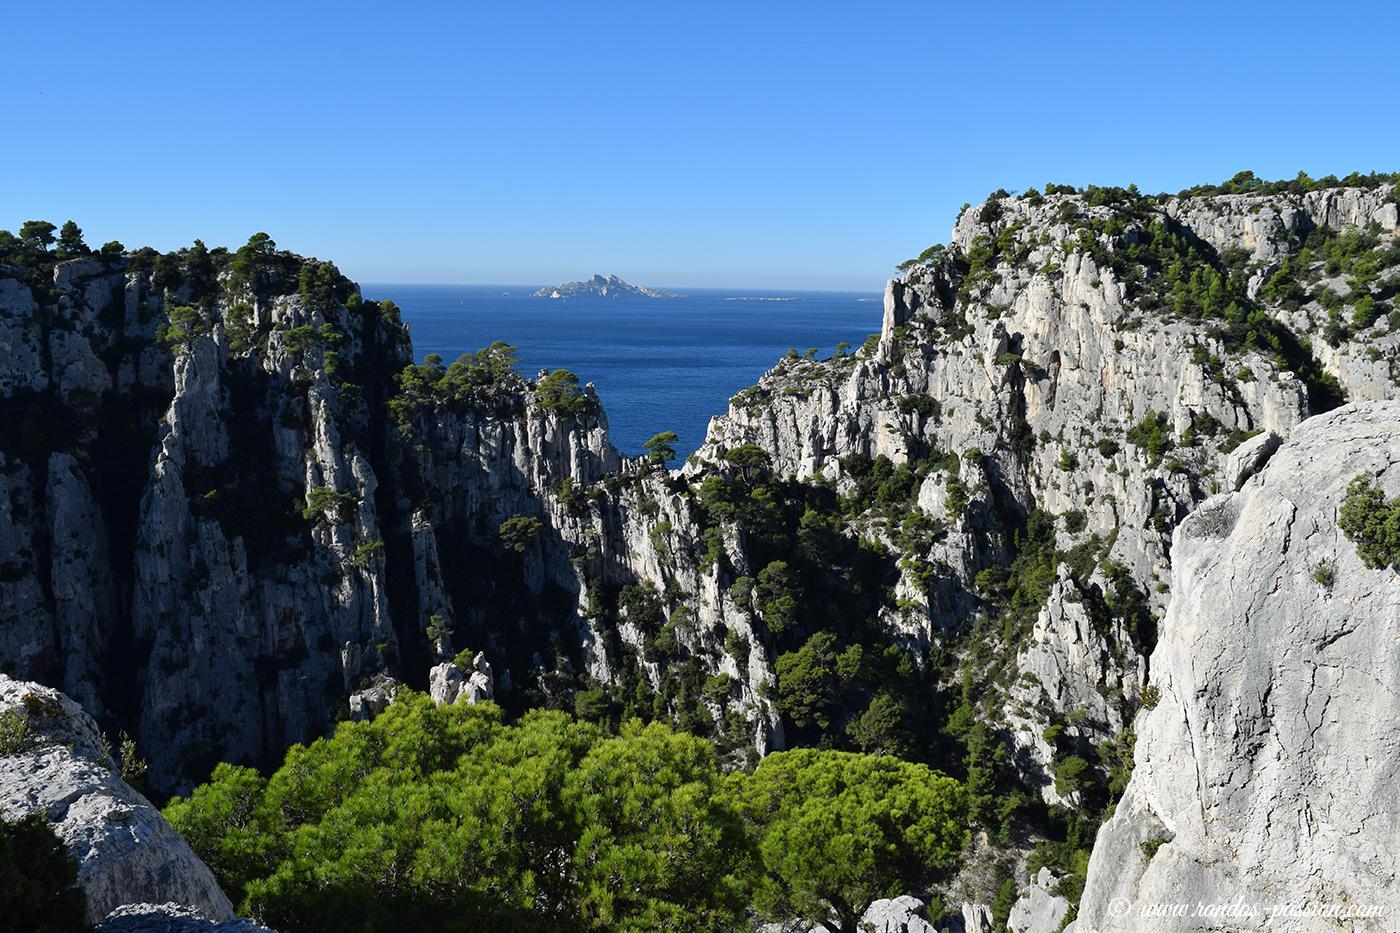 La brèche de Castelvieil et l'île de Riou